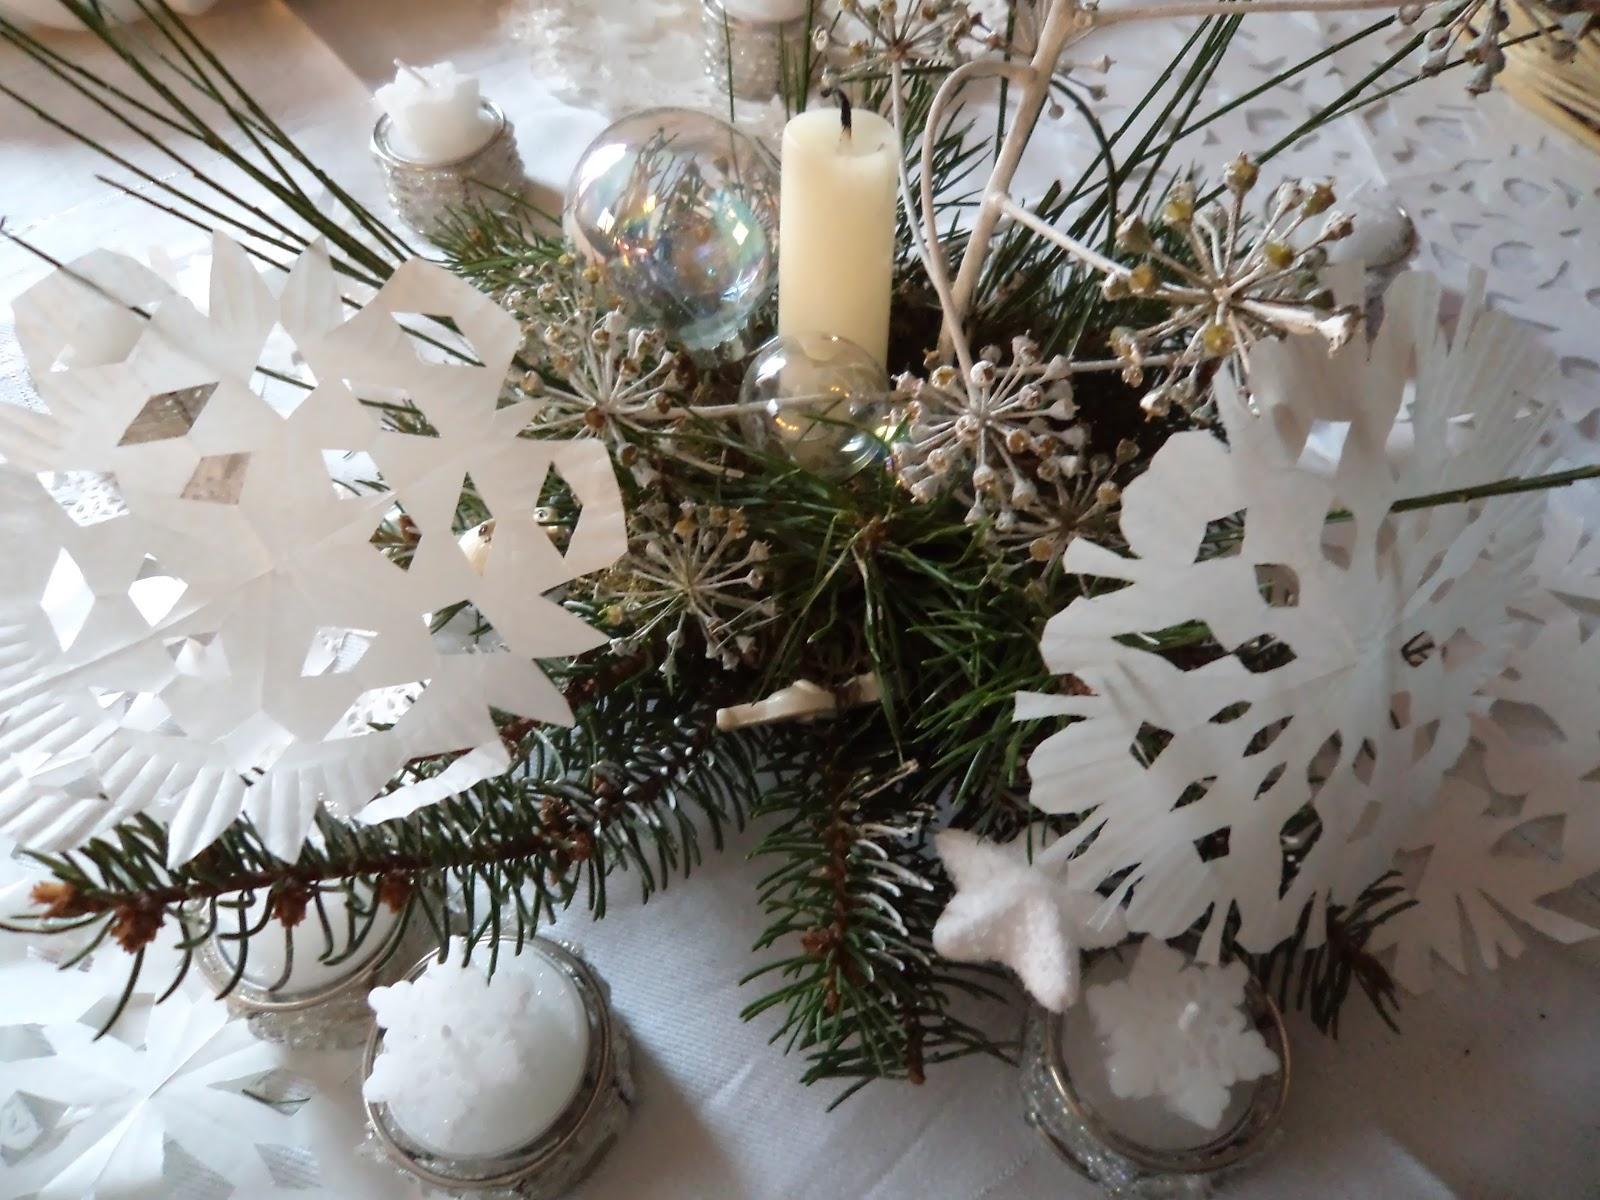 Mensola a parete per computer fisso - Addobbi natalizi sulla tavola ...